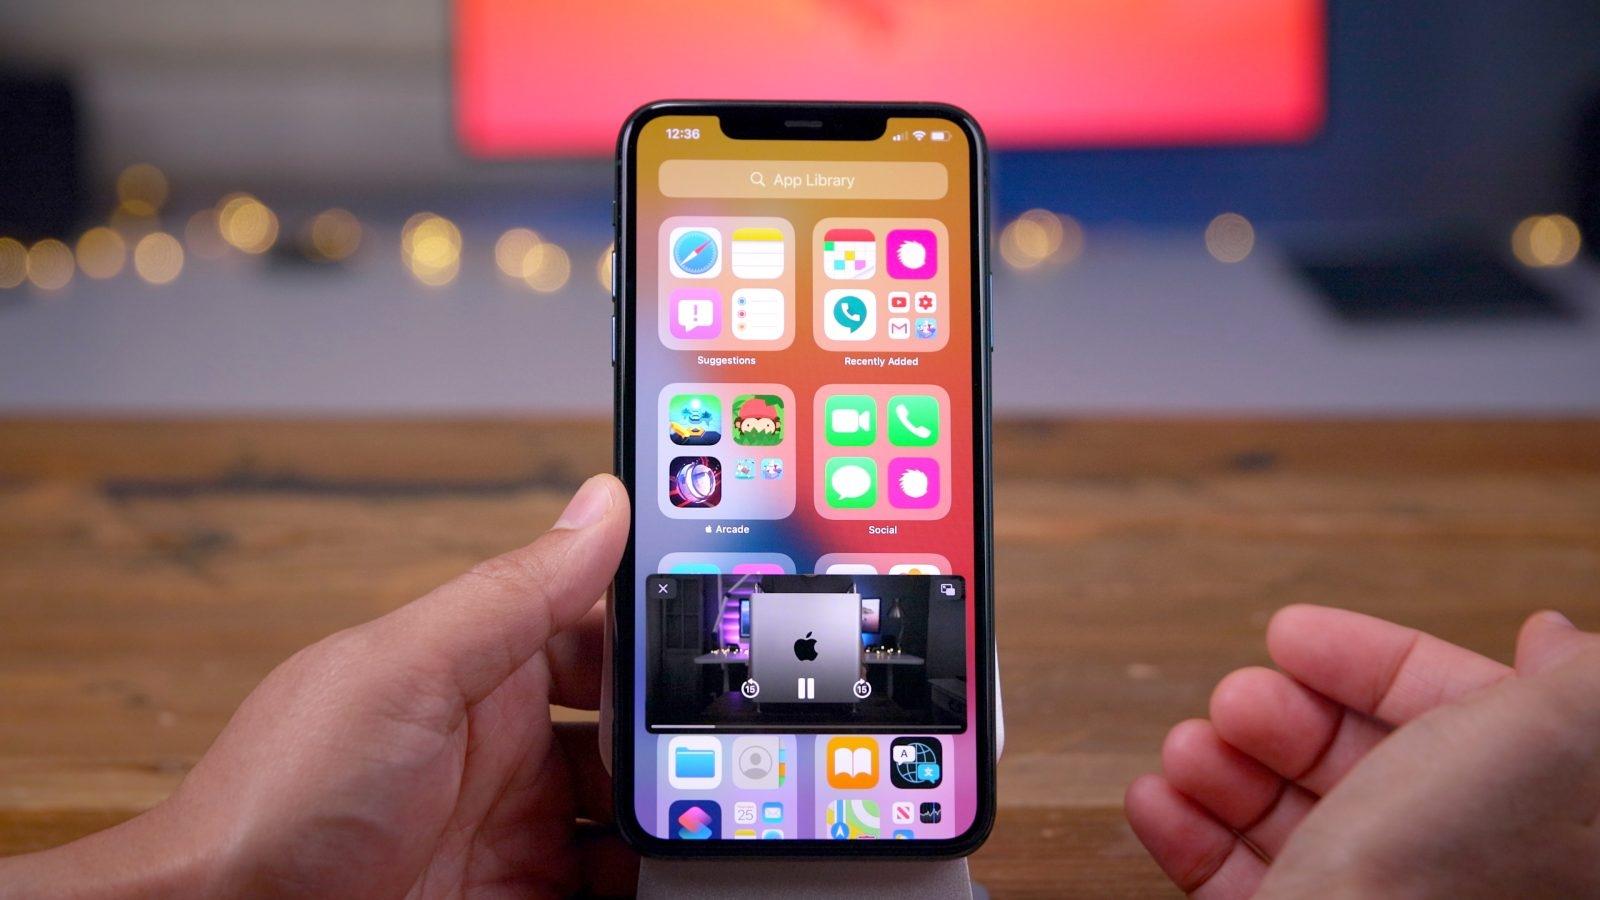 Khám phá những sản phẩm vừa ra mắt trong hệ sinh thái của Apple